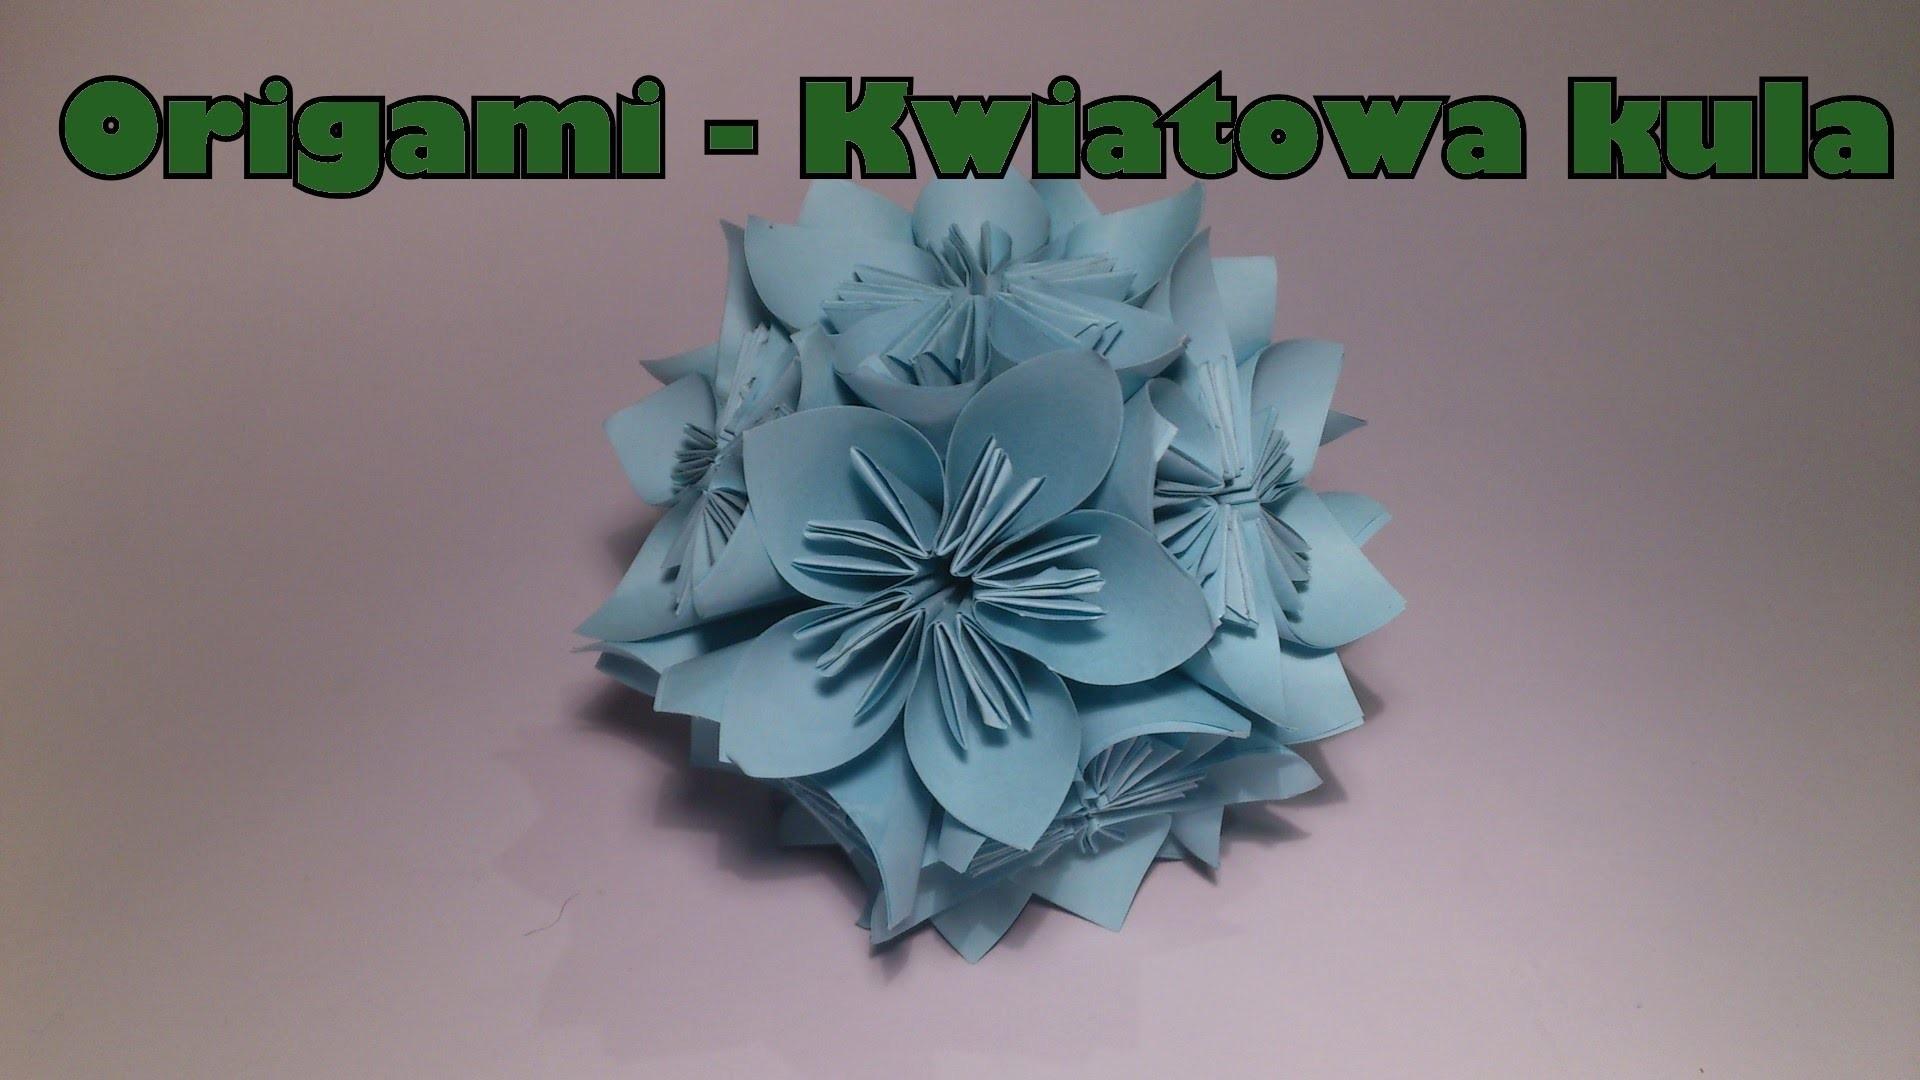 (Origami) - Kwiatowa kula